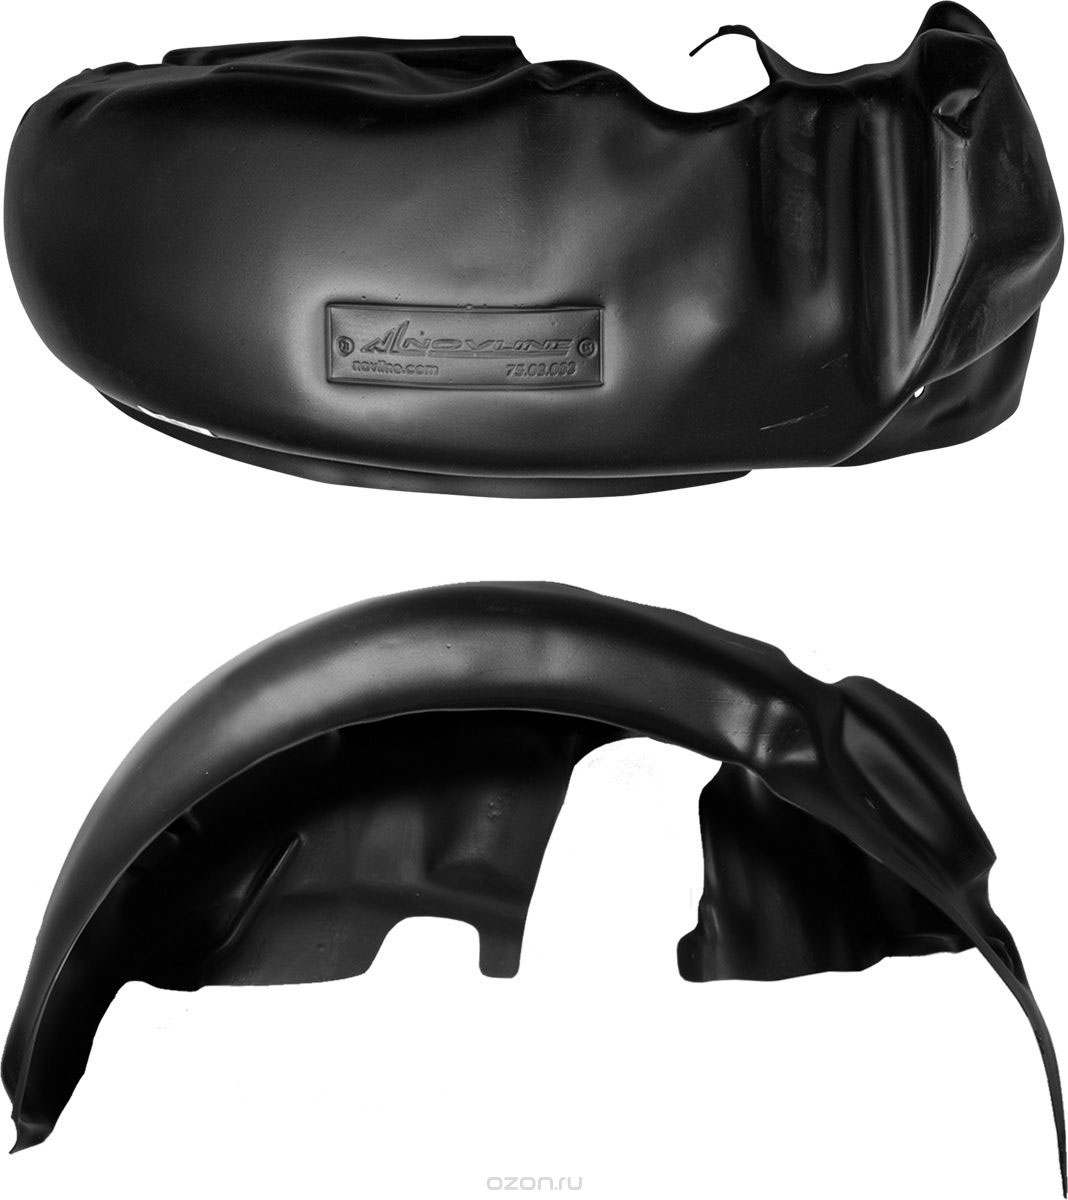 Подкрылок Novline-Autofamily, для CITROEN Jumper 2006-> с расширителями арок, задний левыйNLL.10.18.003Идеальная защита колесной ниши. Локеры разработаны с применением цифровых технологий, гарантируют максимальную повторяемость поверхности арки. Изделия устанавливаются без нарушения лакокрасочного покрытия автомобиля, каждый подкрылок комплектуется крепежом. Уважаемые клиенты, обращаем ваше внимание, что фотографии на подкрылки универсальные и не отражают реальную форму изделия. При этом само изделие идет точно под размер указанного автомобиля.